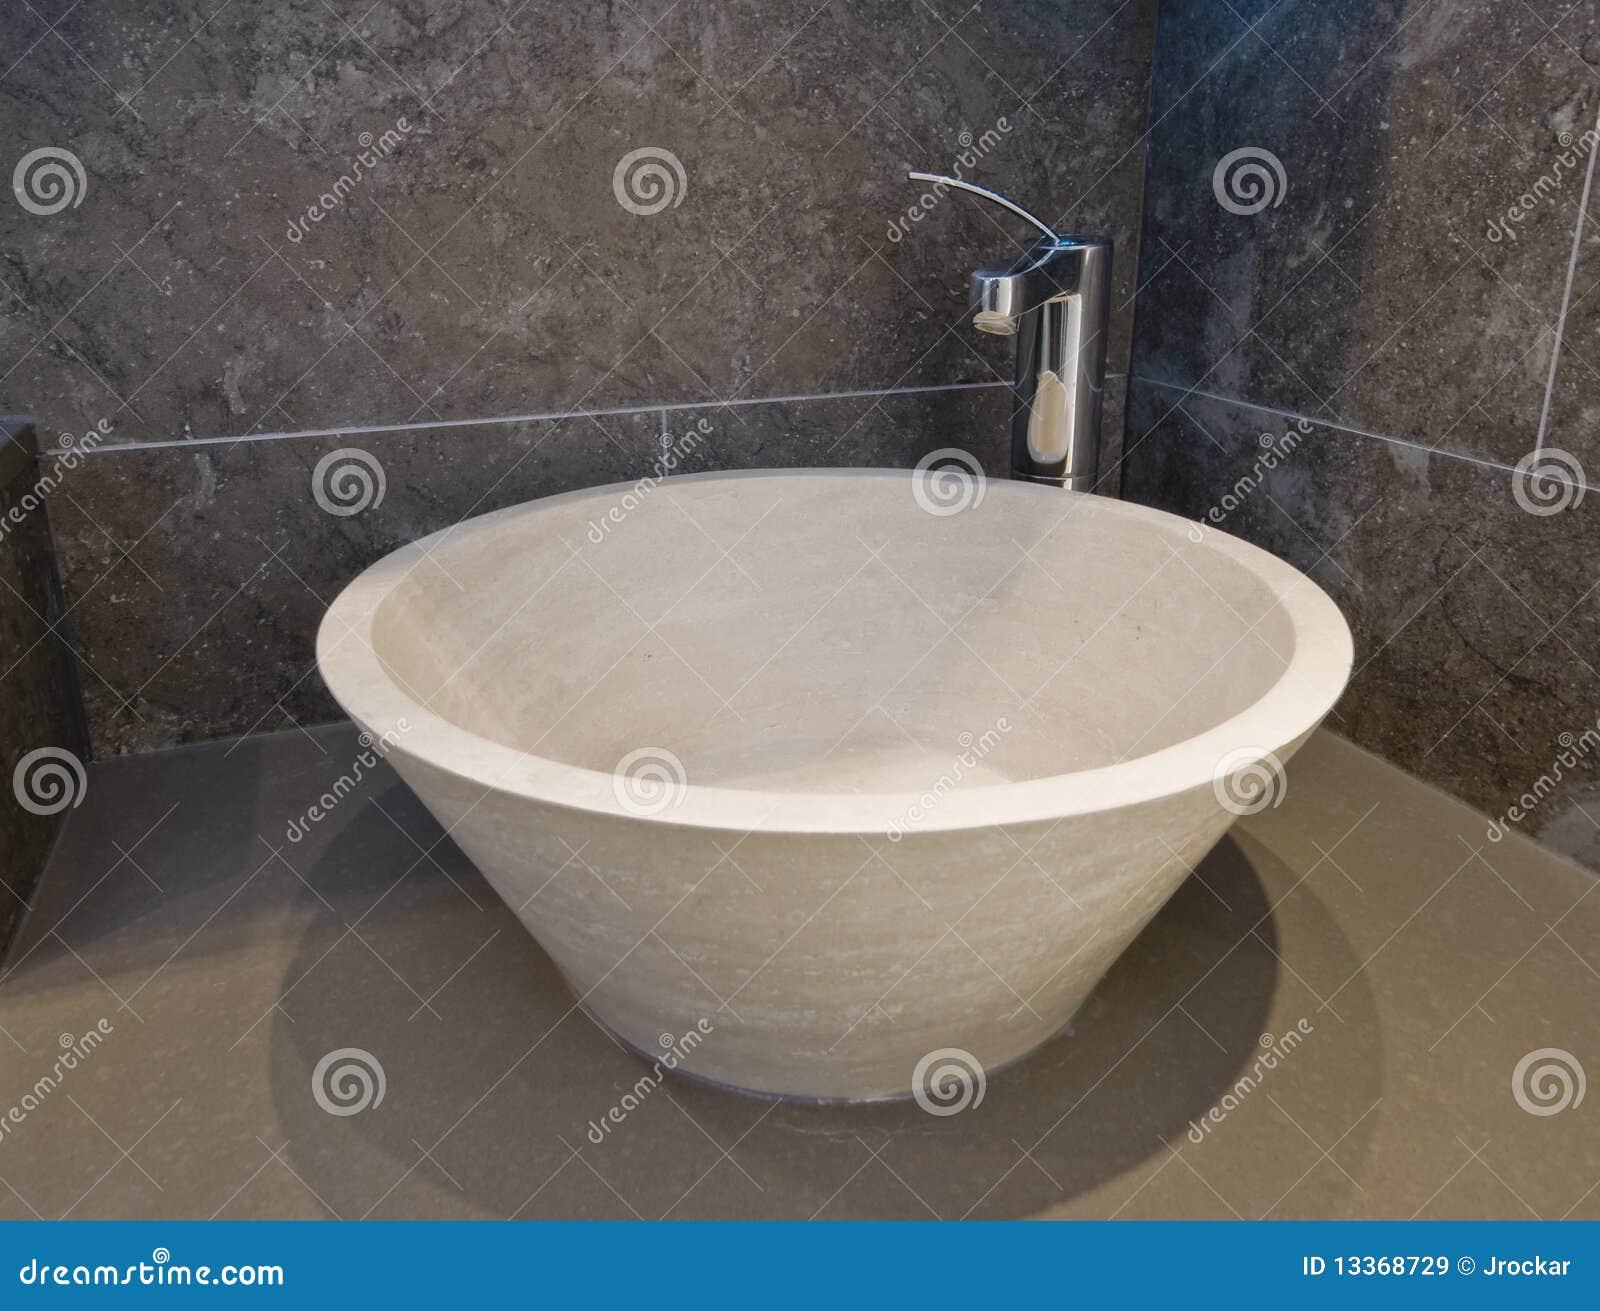 Stone Wash Basin : Stone Hand Wash Basin Royalty Free Stock Images - Image: 13368729